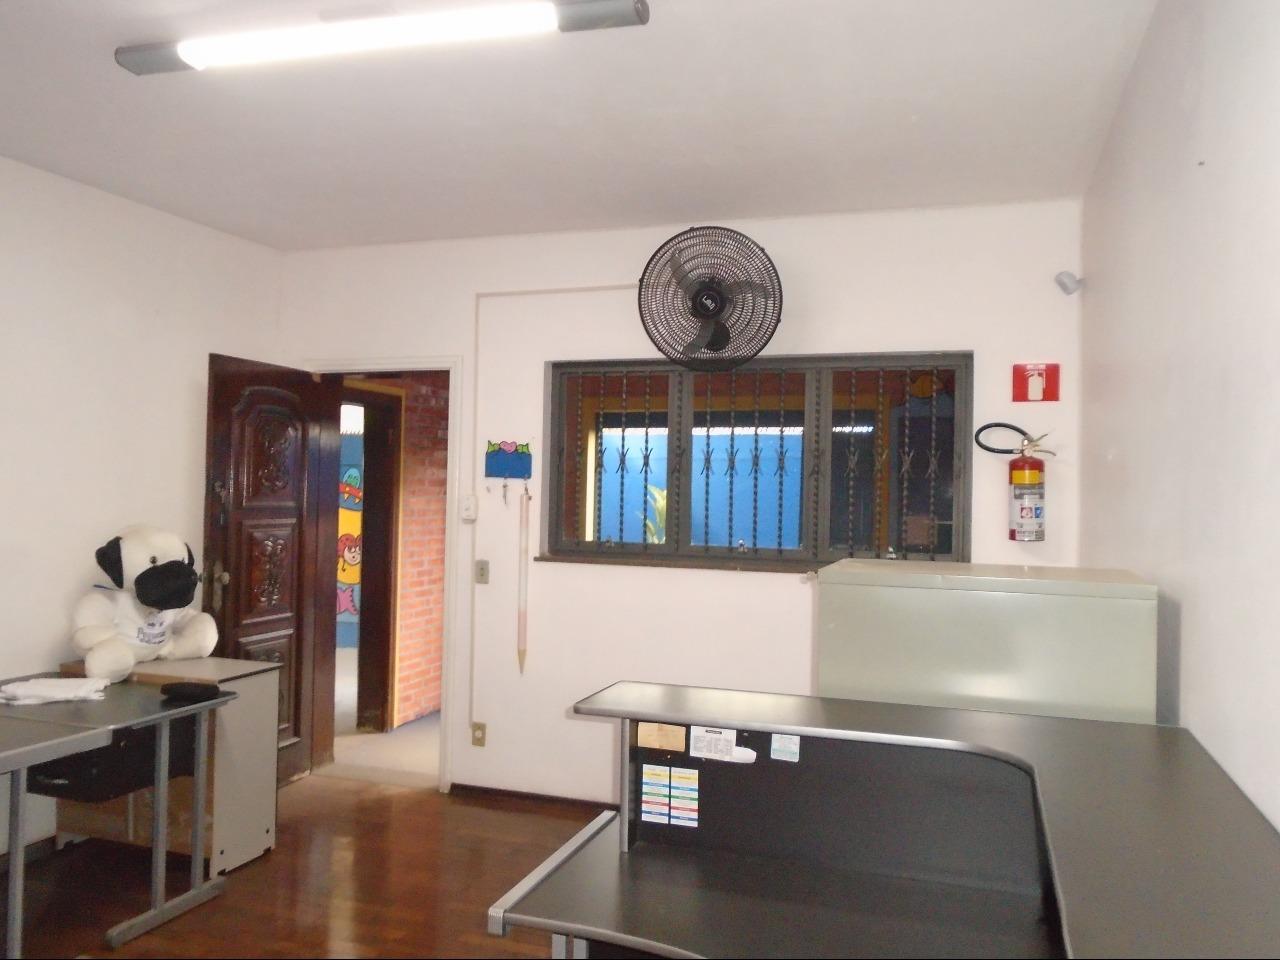 Casa para alugar, 5 quartos, 2 suítes, 1 vaga, no bairro Santa Terezinha em Piracicaba - SP